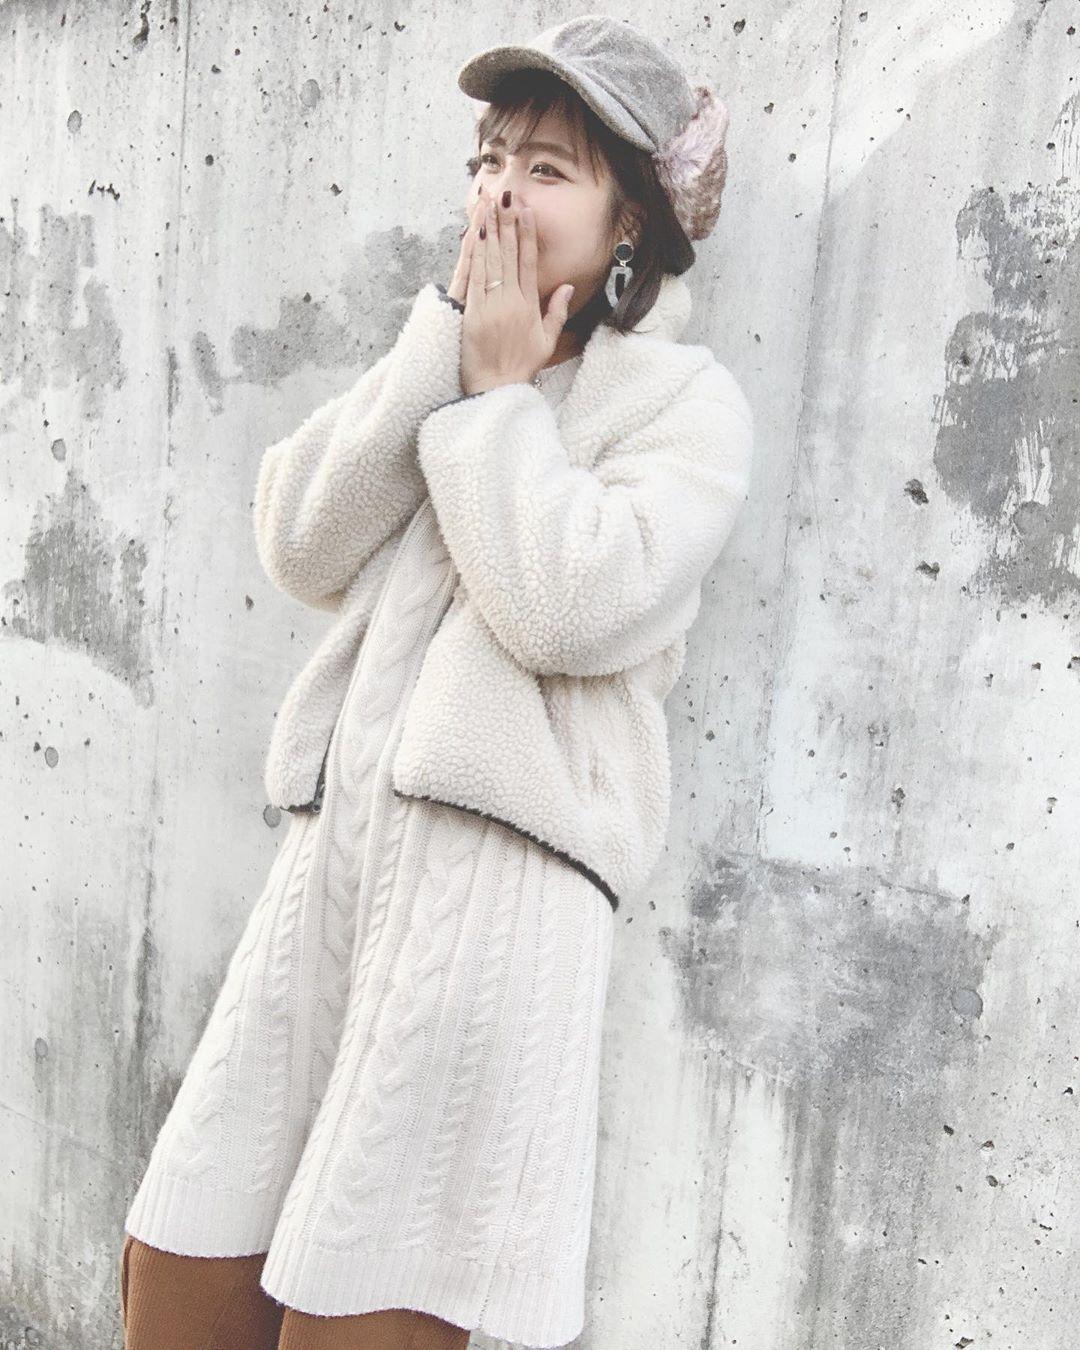 最高気温17度・最低気温9度 ayanishikadoの服装